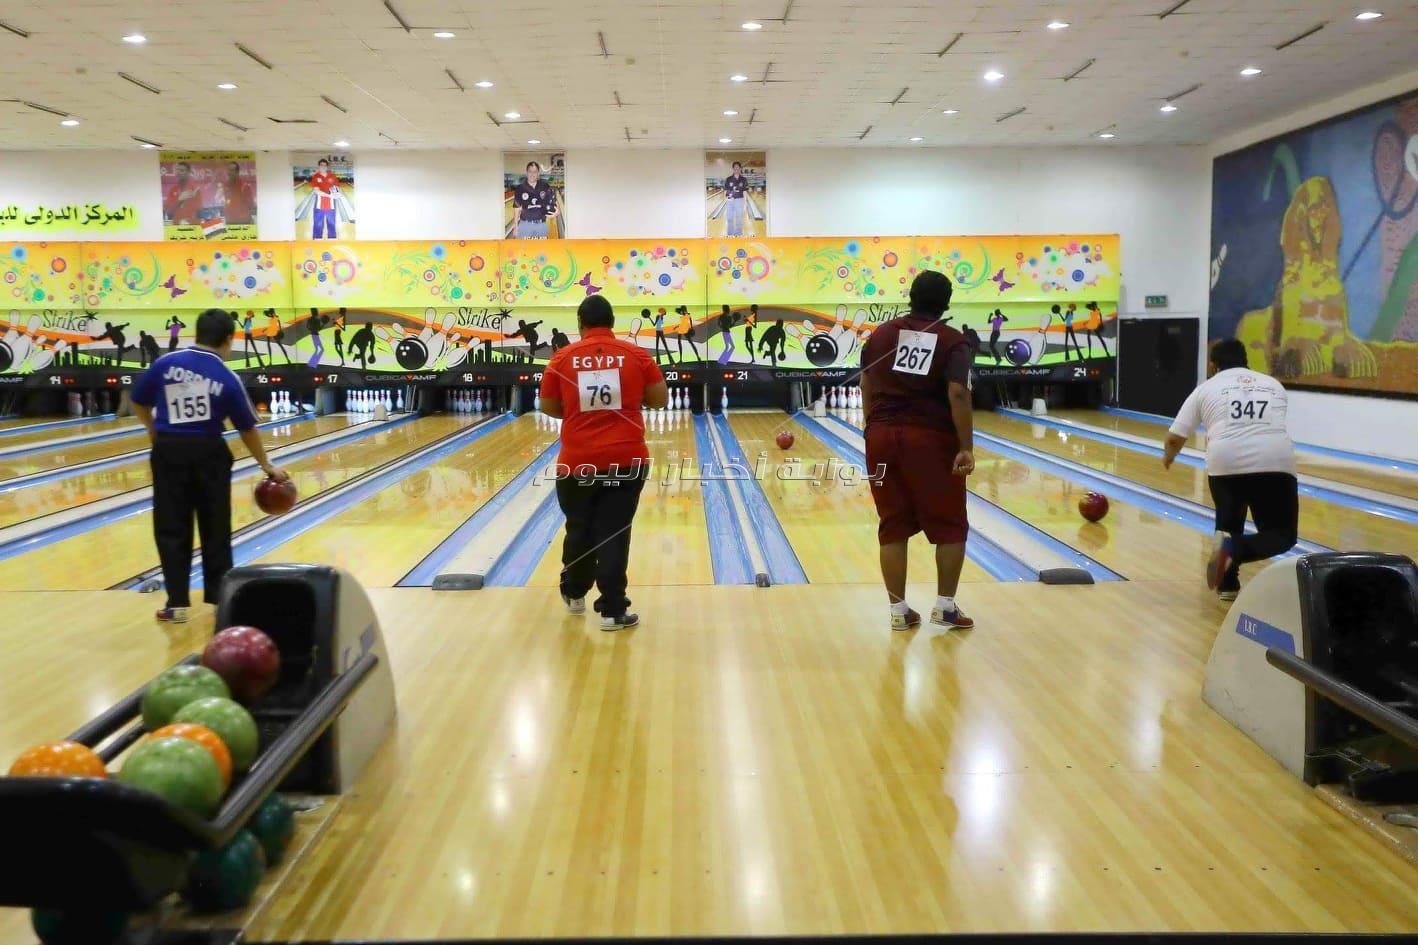 مصر و10 دولة يشاركون في البولينج بالألعاب العالمية للأولمبياد الخاص